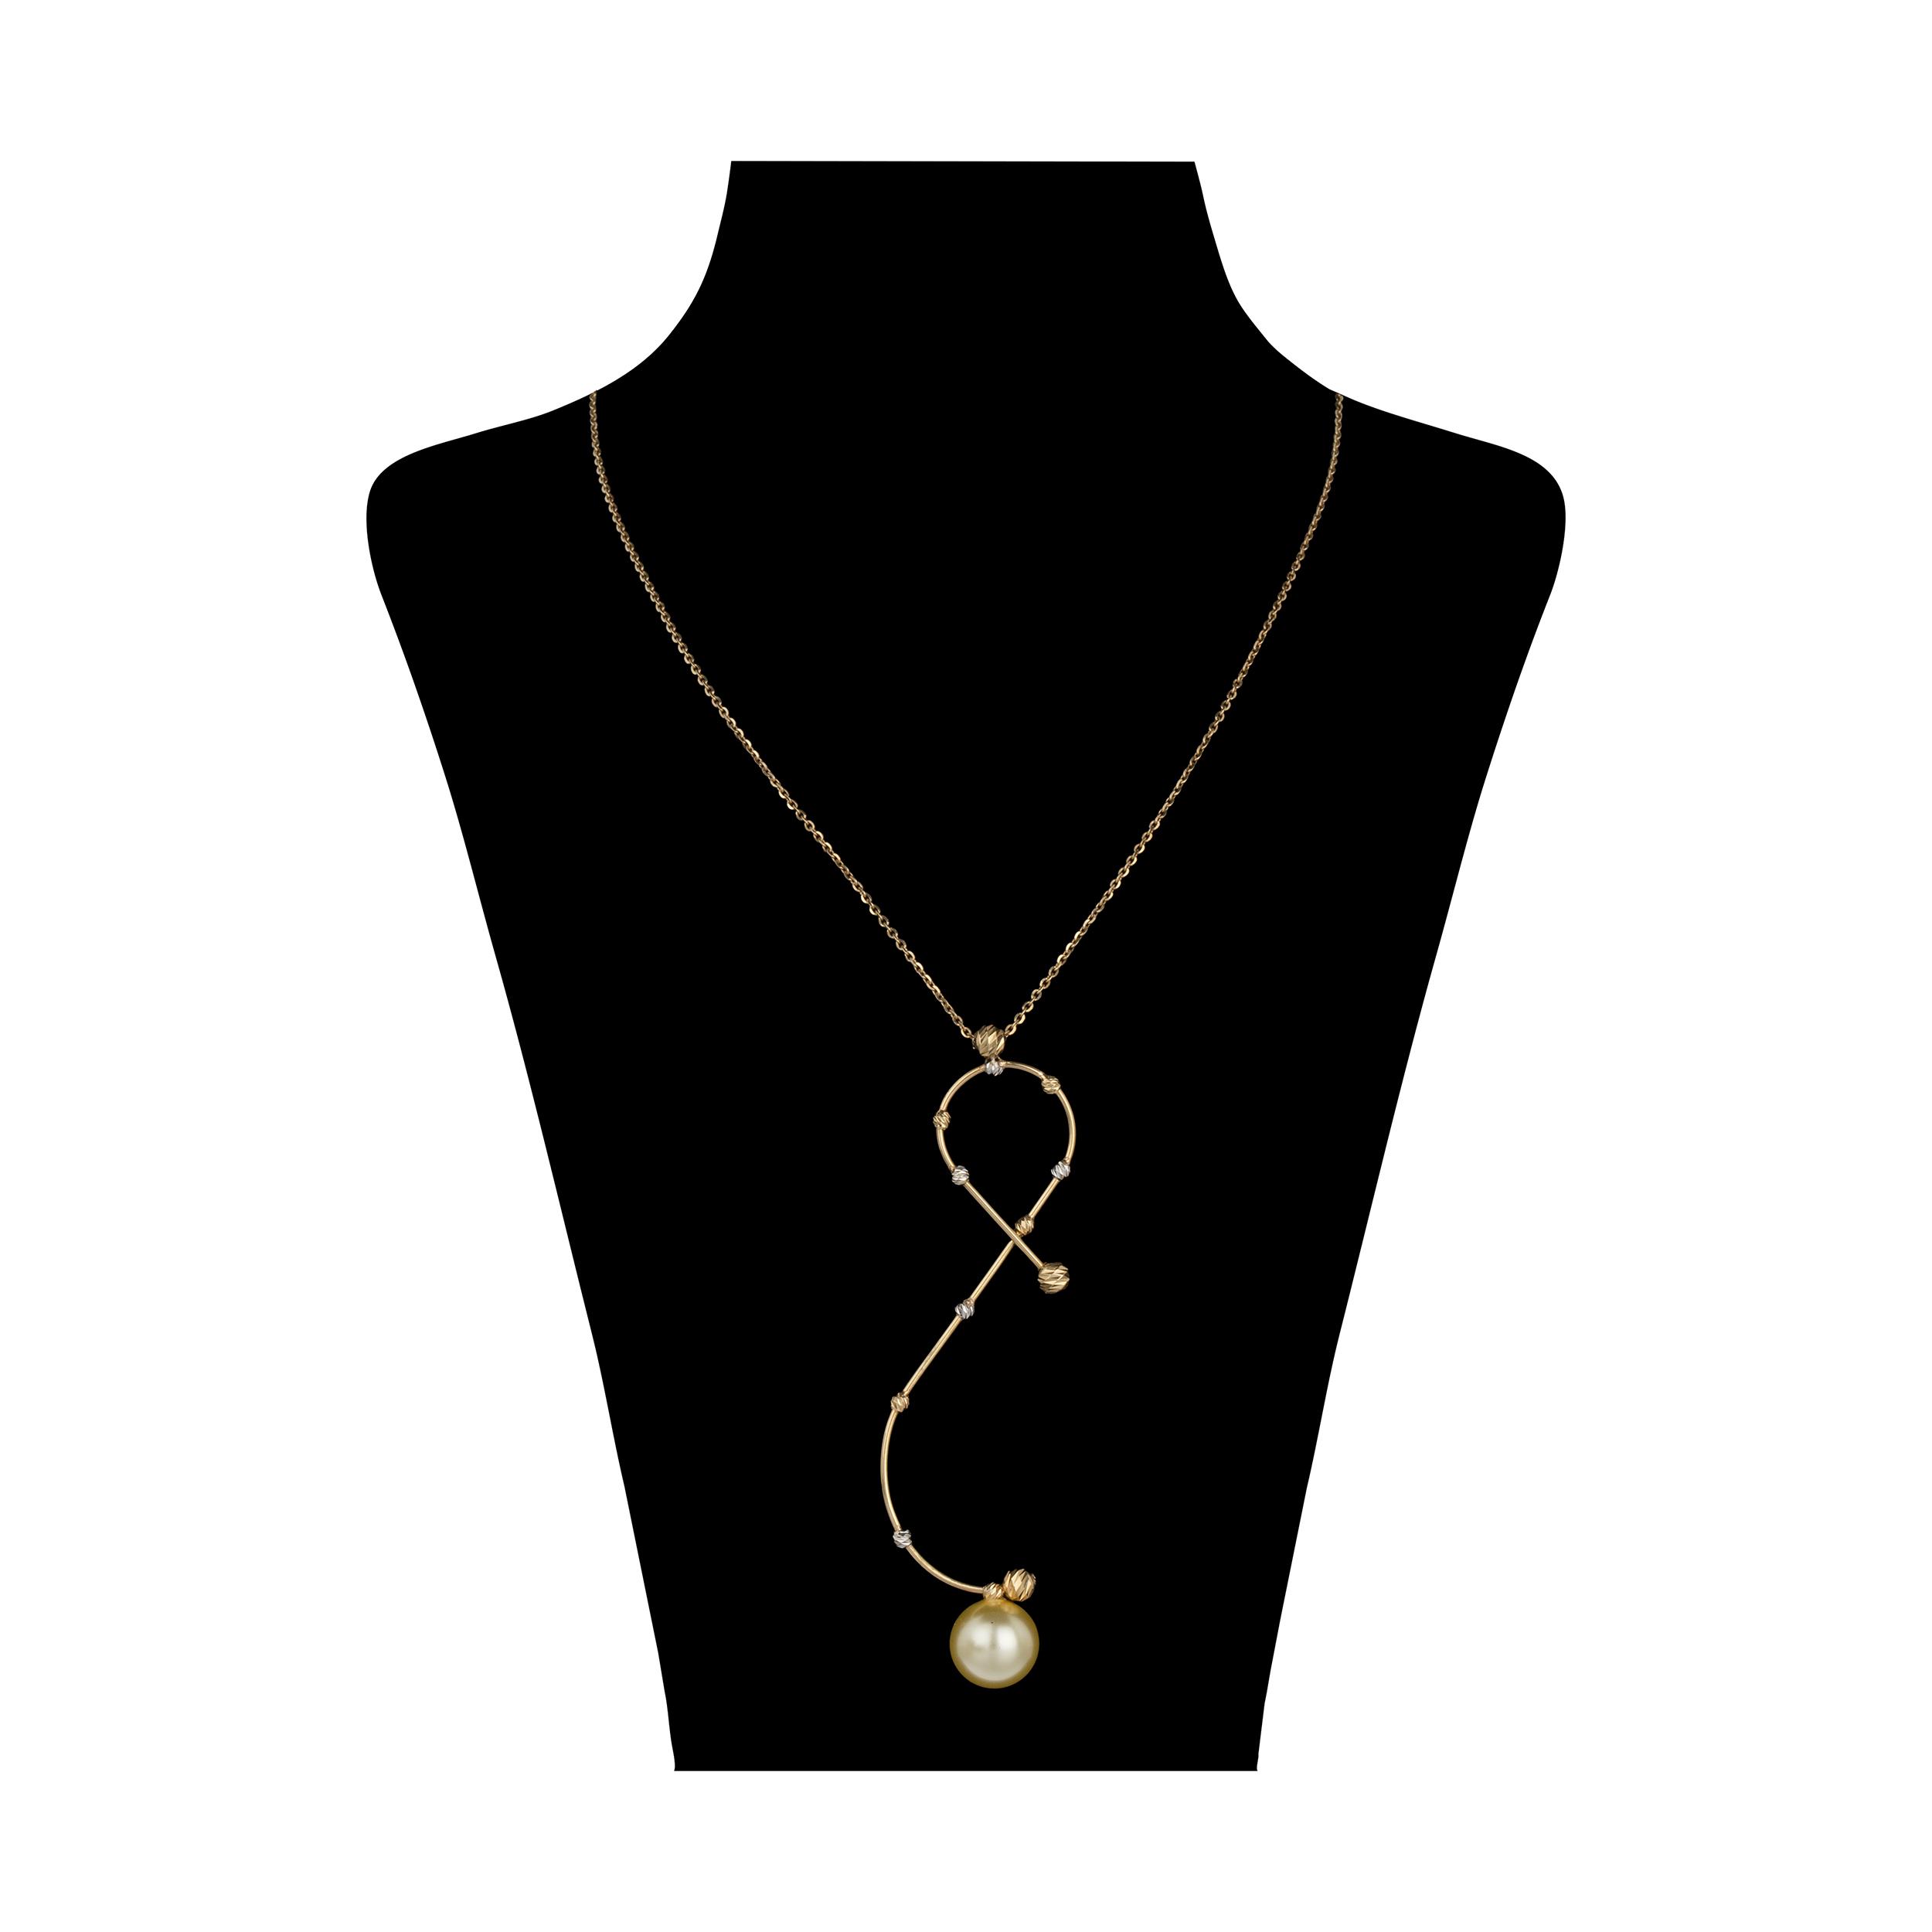 گردنبند طلا 18 عیار زنانه سیودو مدل 146856 -  - 2